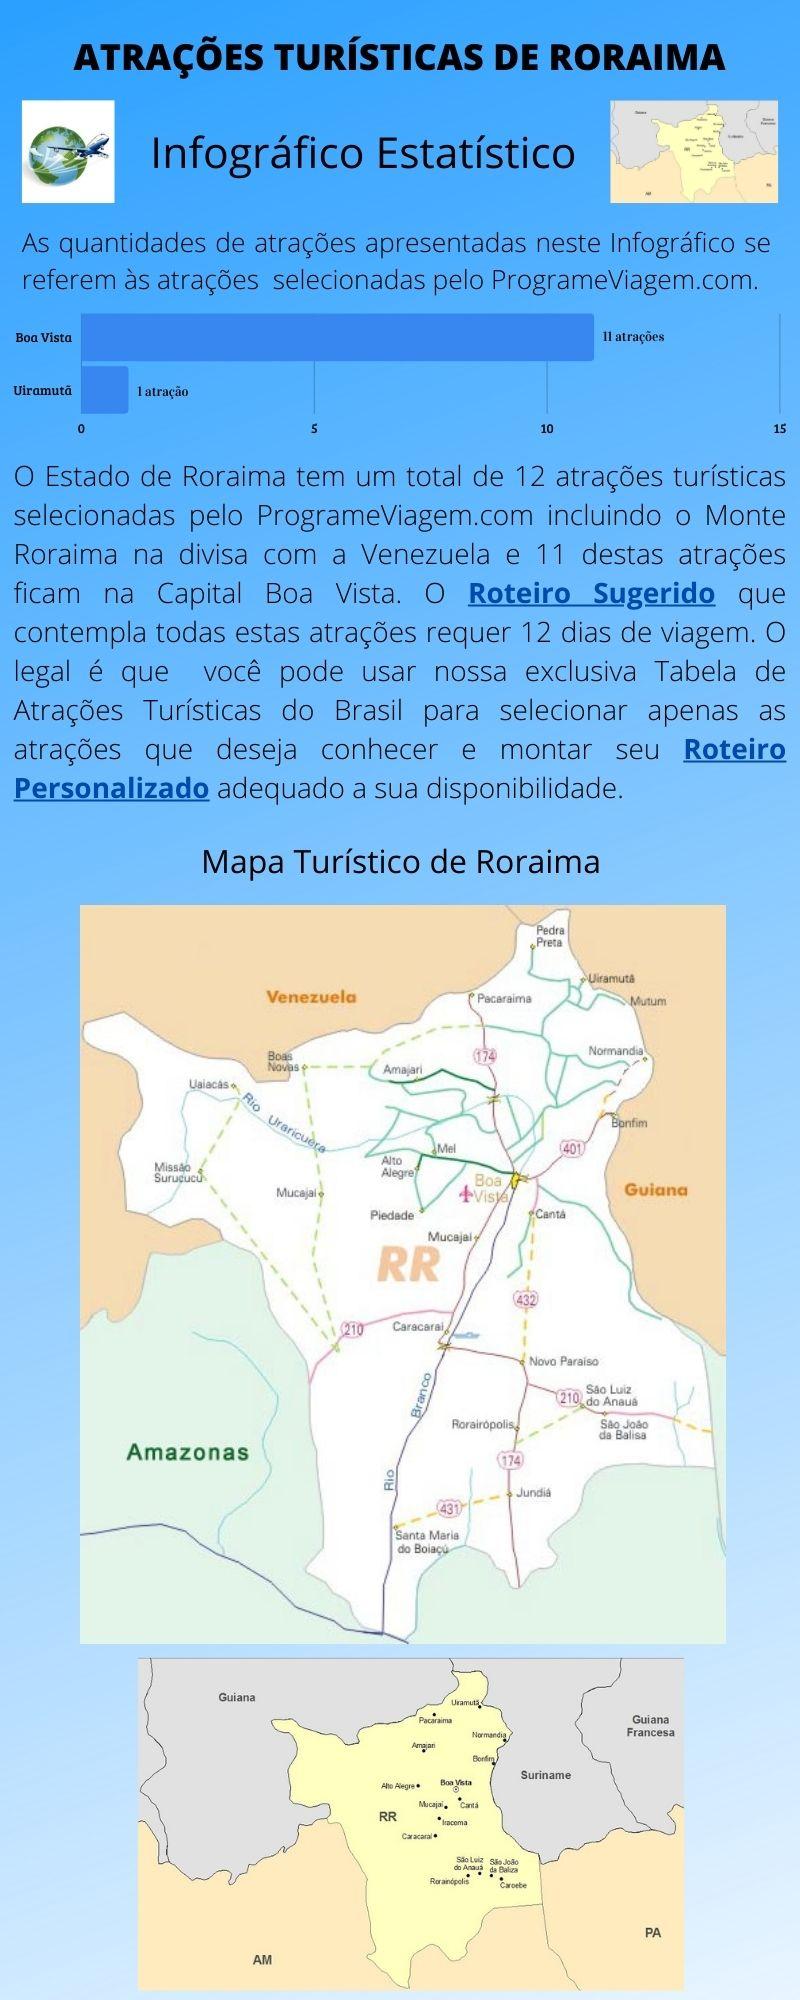 Infográfico Atrações Turísticas de Roraima